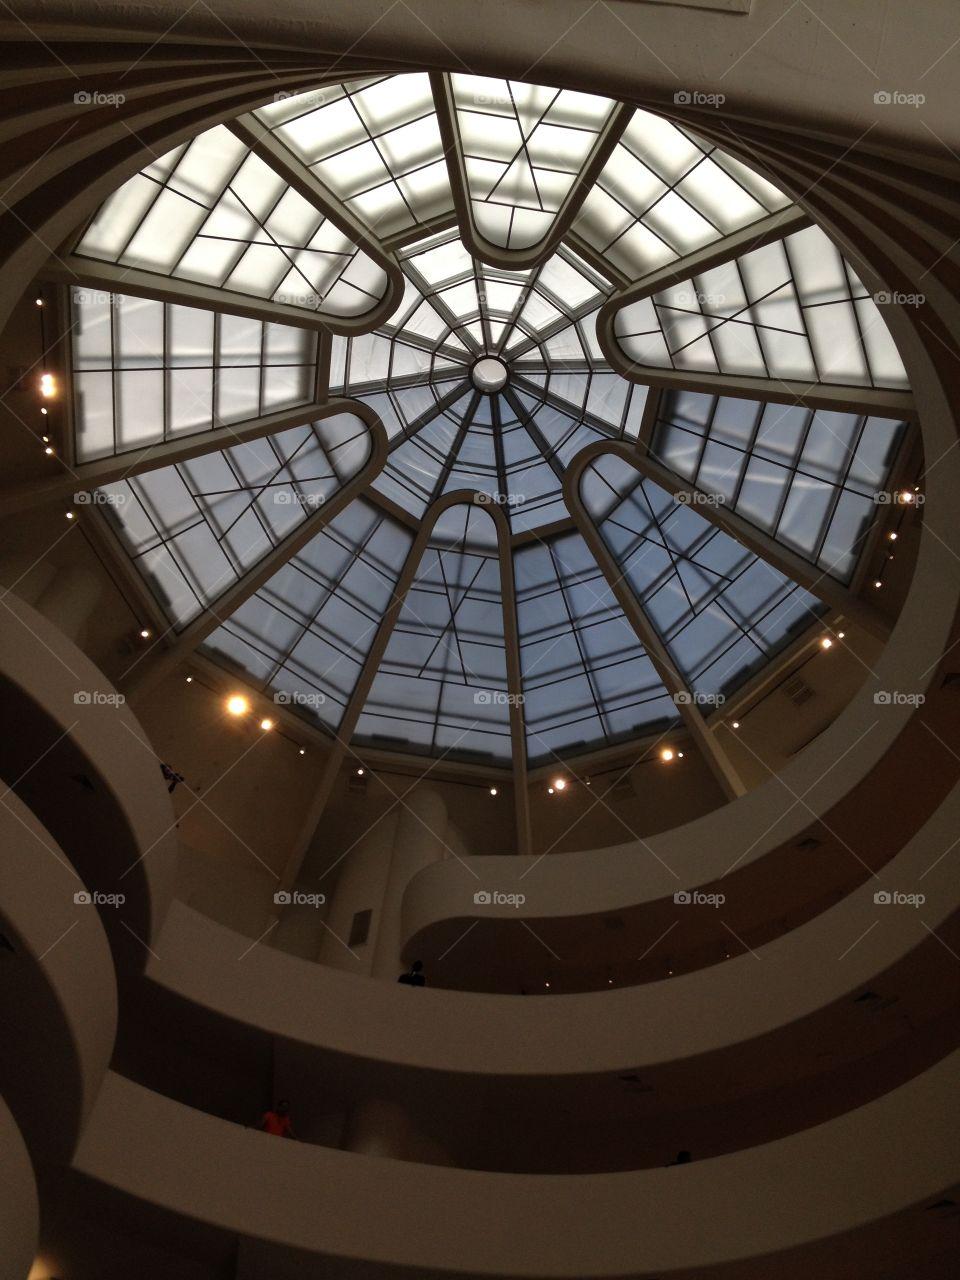 Guggenhein museum. New york